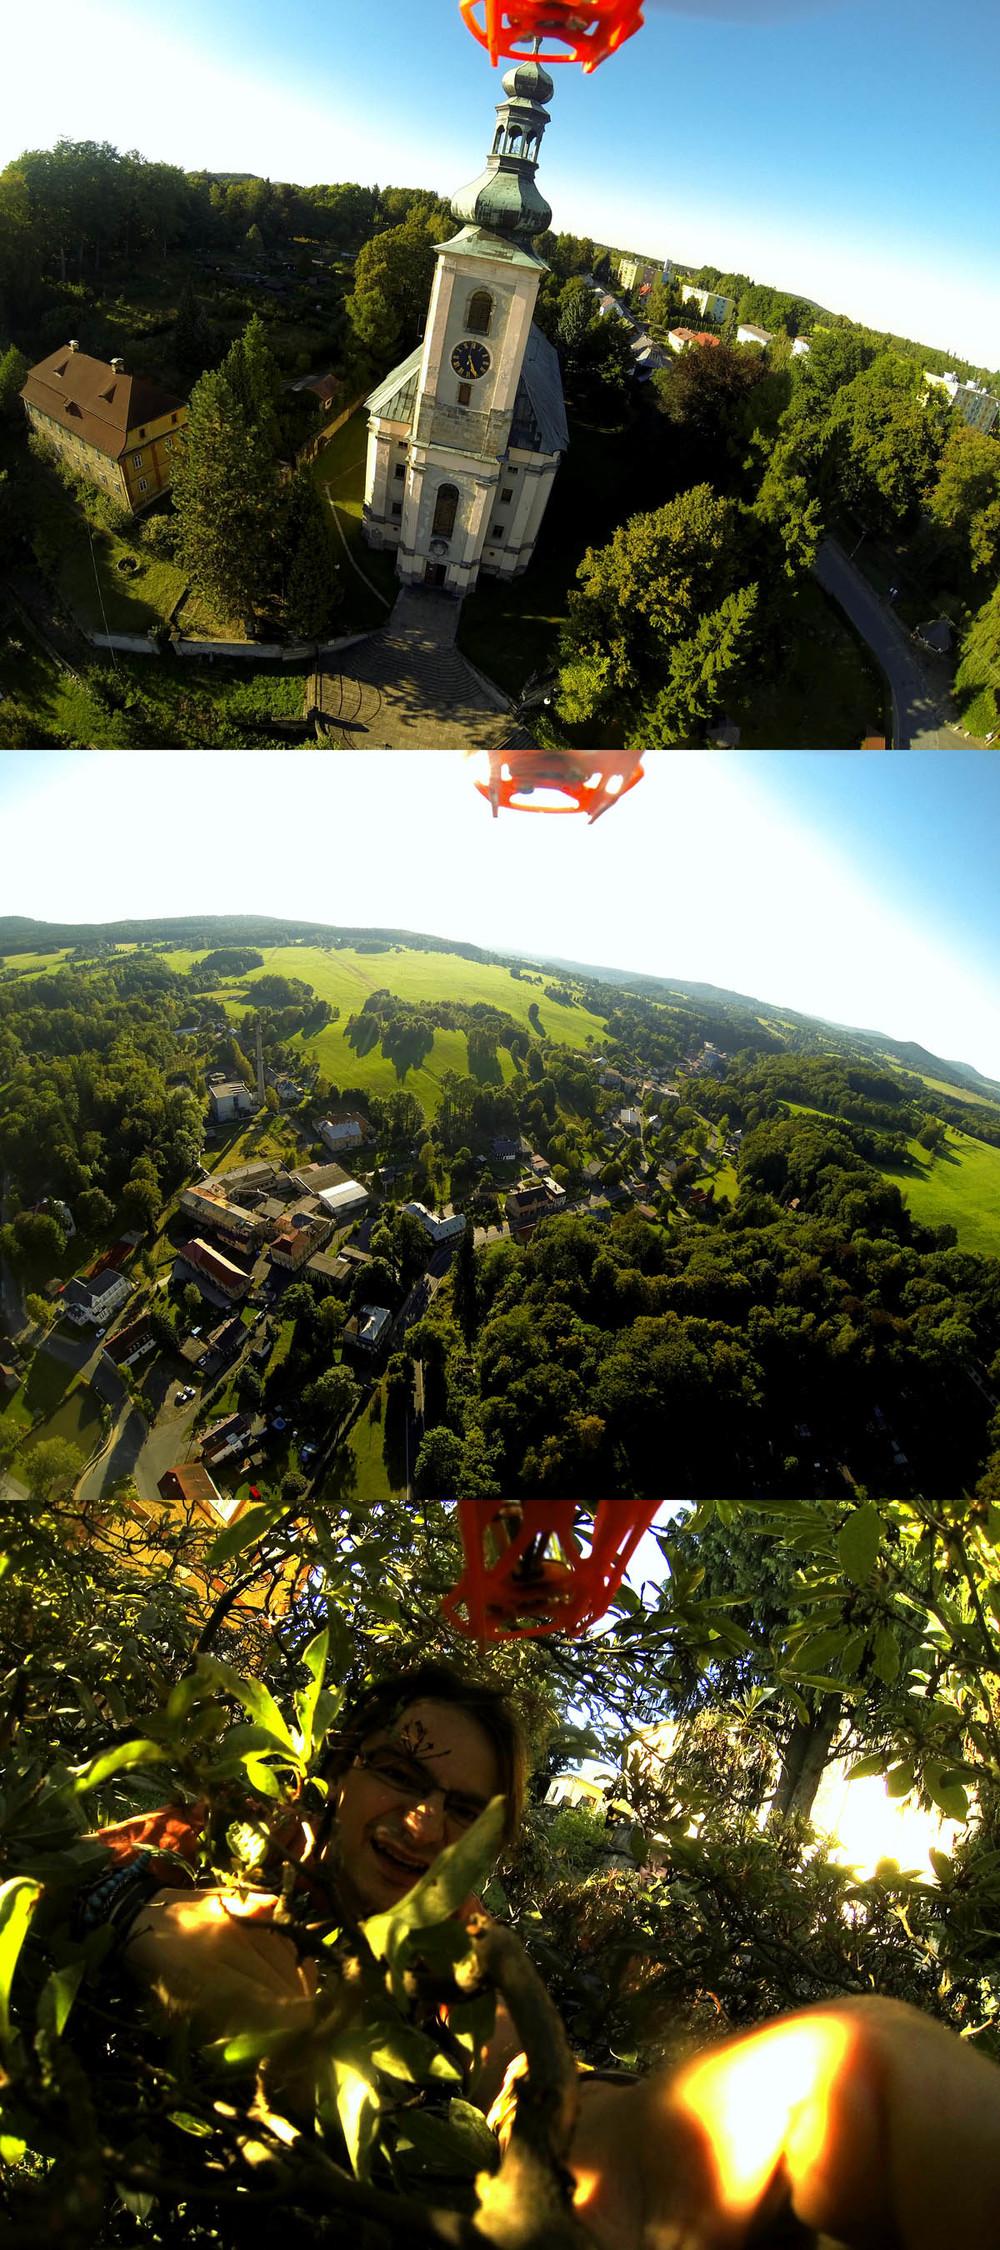 6. září 2013 To co vidíte na snímku možná vypadá jako takový ty normální záběry z vrtulníku, kterejma už Vás obtěžuju poměrně dlouho. Chyba lávky. Ano, začalo to jako normální let vrtulníku, po 15ti sekundách jsem nabral výšku kostelní věže a byl jsem spokojený. Jenže. Za dalších 37 sekund jsem nabral výšku kolem 120ti metrů. Toho jsem se trochu lekl a začal raději pomalu klesat. Něco se stalo. Nevím přesně co, ale vypnul se jeden motor. A co to znamená? Vrtulník, rok práce a spousta peněz se začal poroučet k zemi volným pádem. 90 metrů!!! Spadl přesně mezi kostel a faru. V tom kostele běžela zrovna bohoslužba. A co to znamená? Soustředěná modlitba věřících, církevní půda... Prdulník spadl do jedinýho, fakt jedinýho křoví mezi náhrobkama, který tam bylo. A co to znamená? Lítám dál... Kdybych neveřil, uvěřím... Mám plný náměstí svědků, kdyby někdo neveřil.